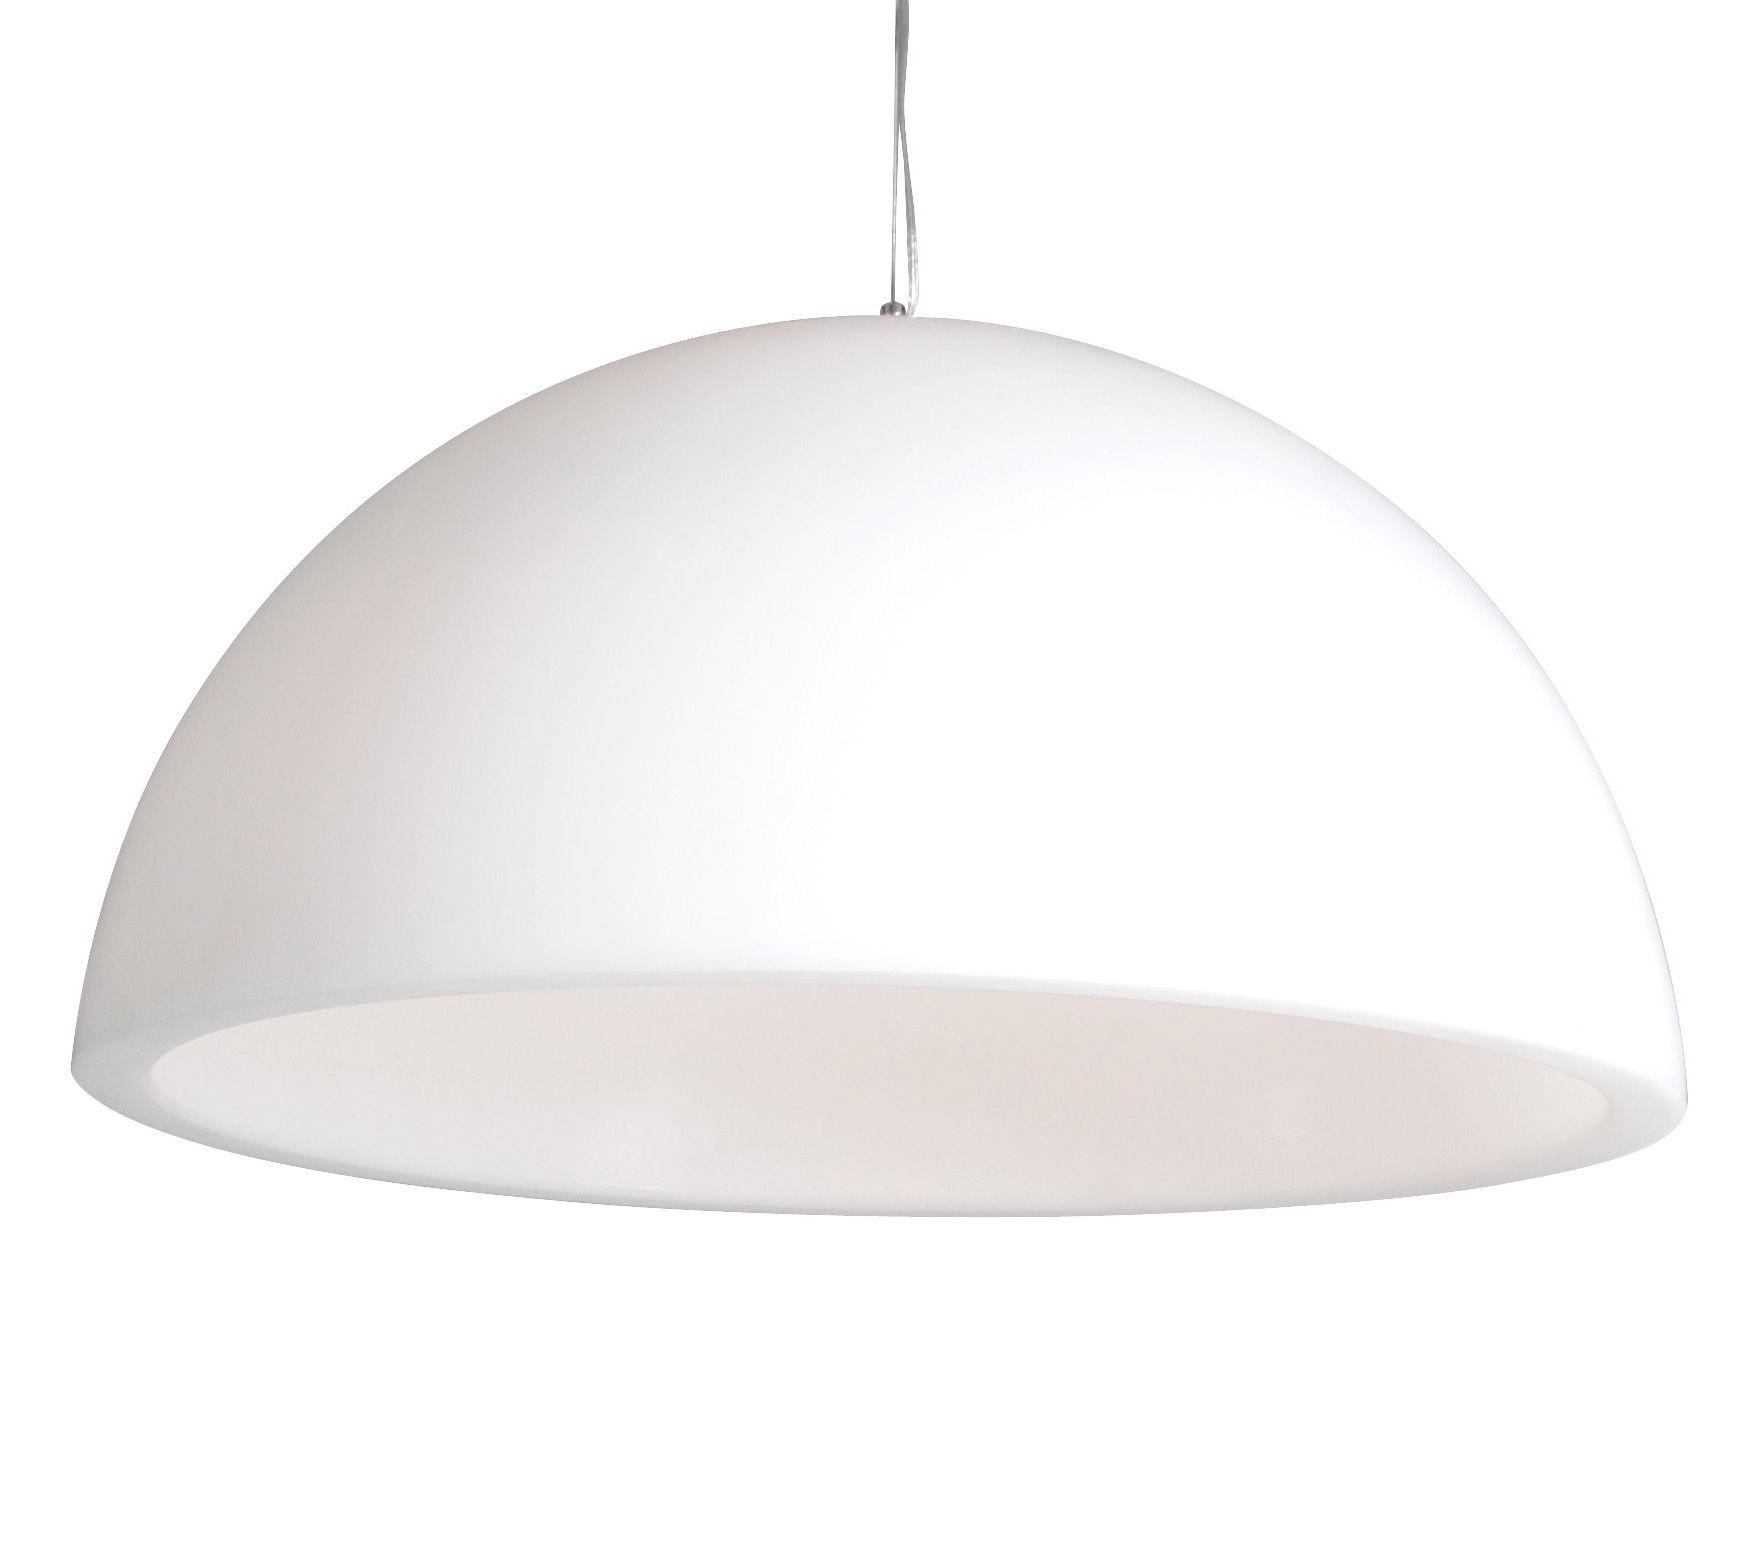 Luminaire - Suspensions - Suspension Cupole Ø 120 cm / Version mate - Slide - Blanc - Polyéthylène